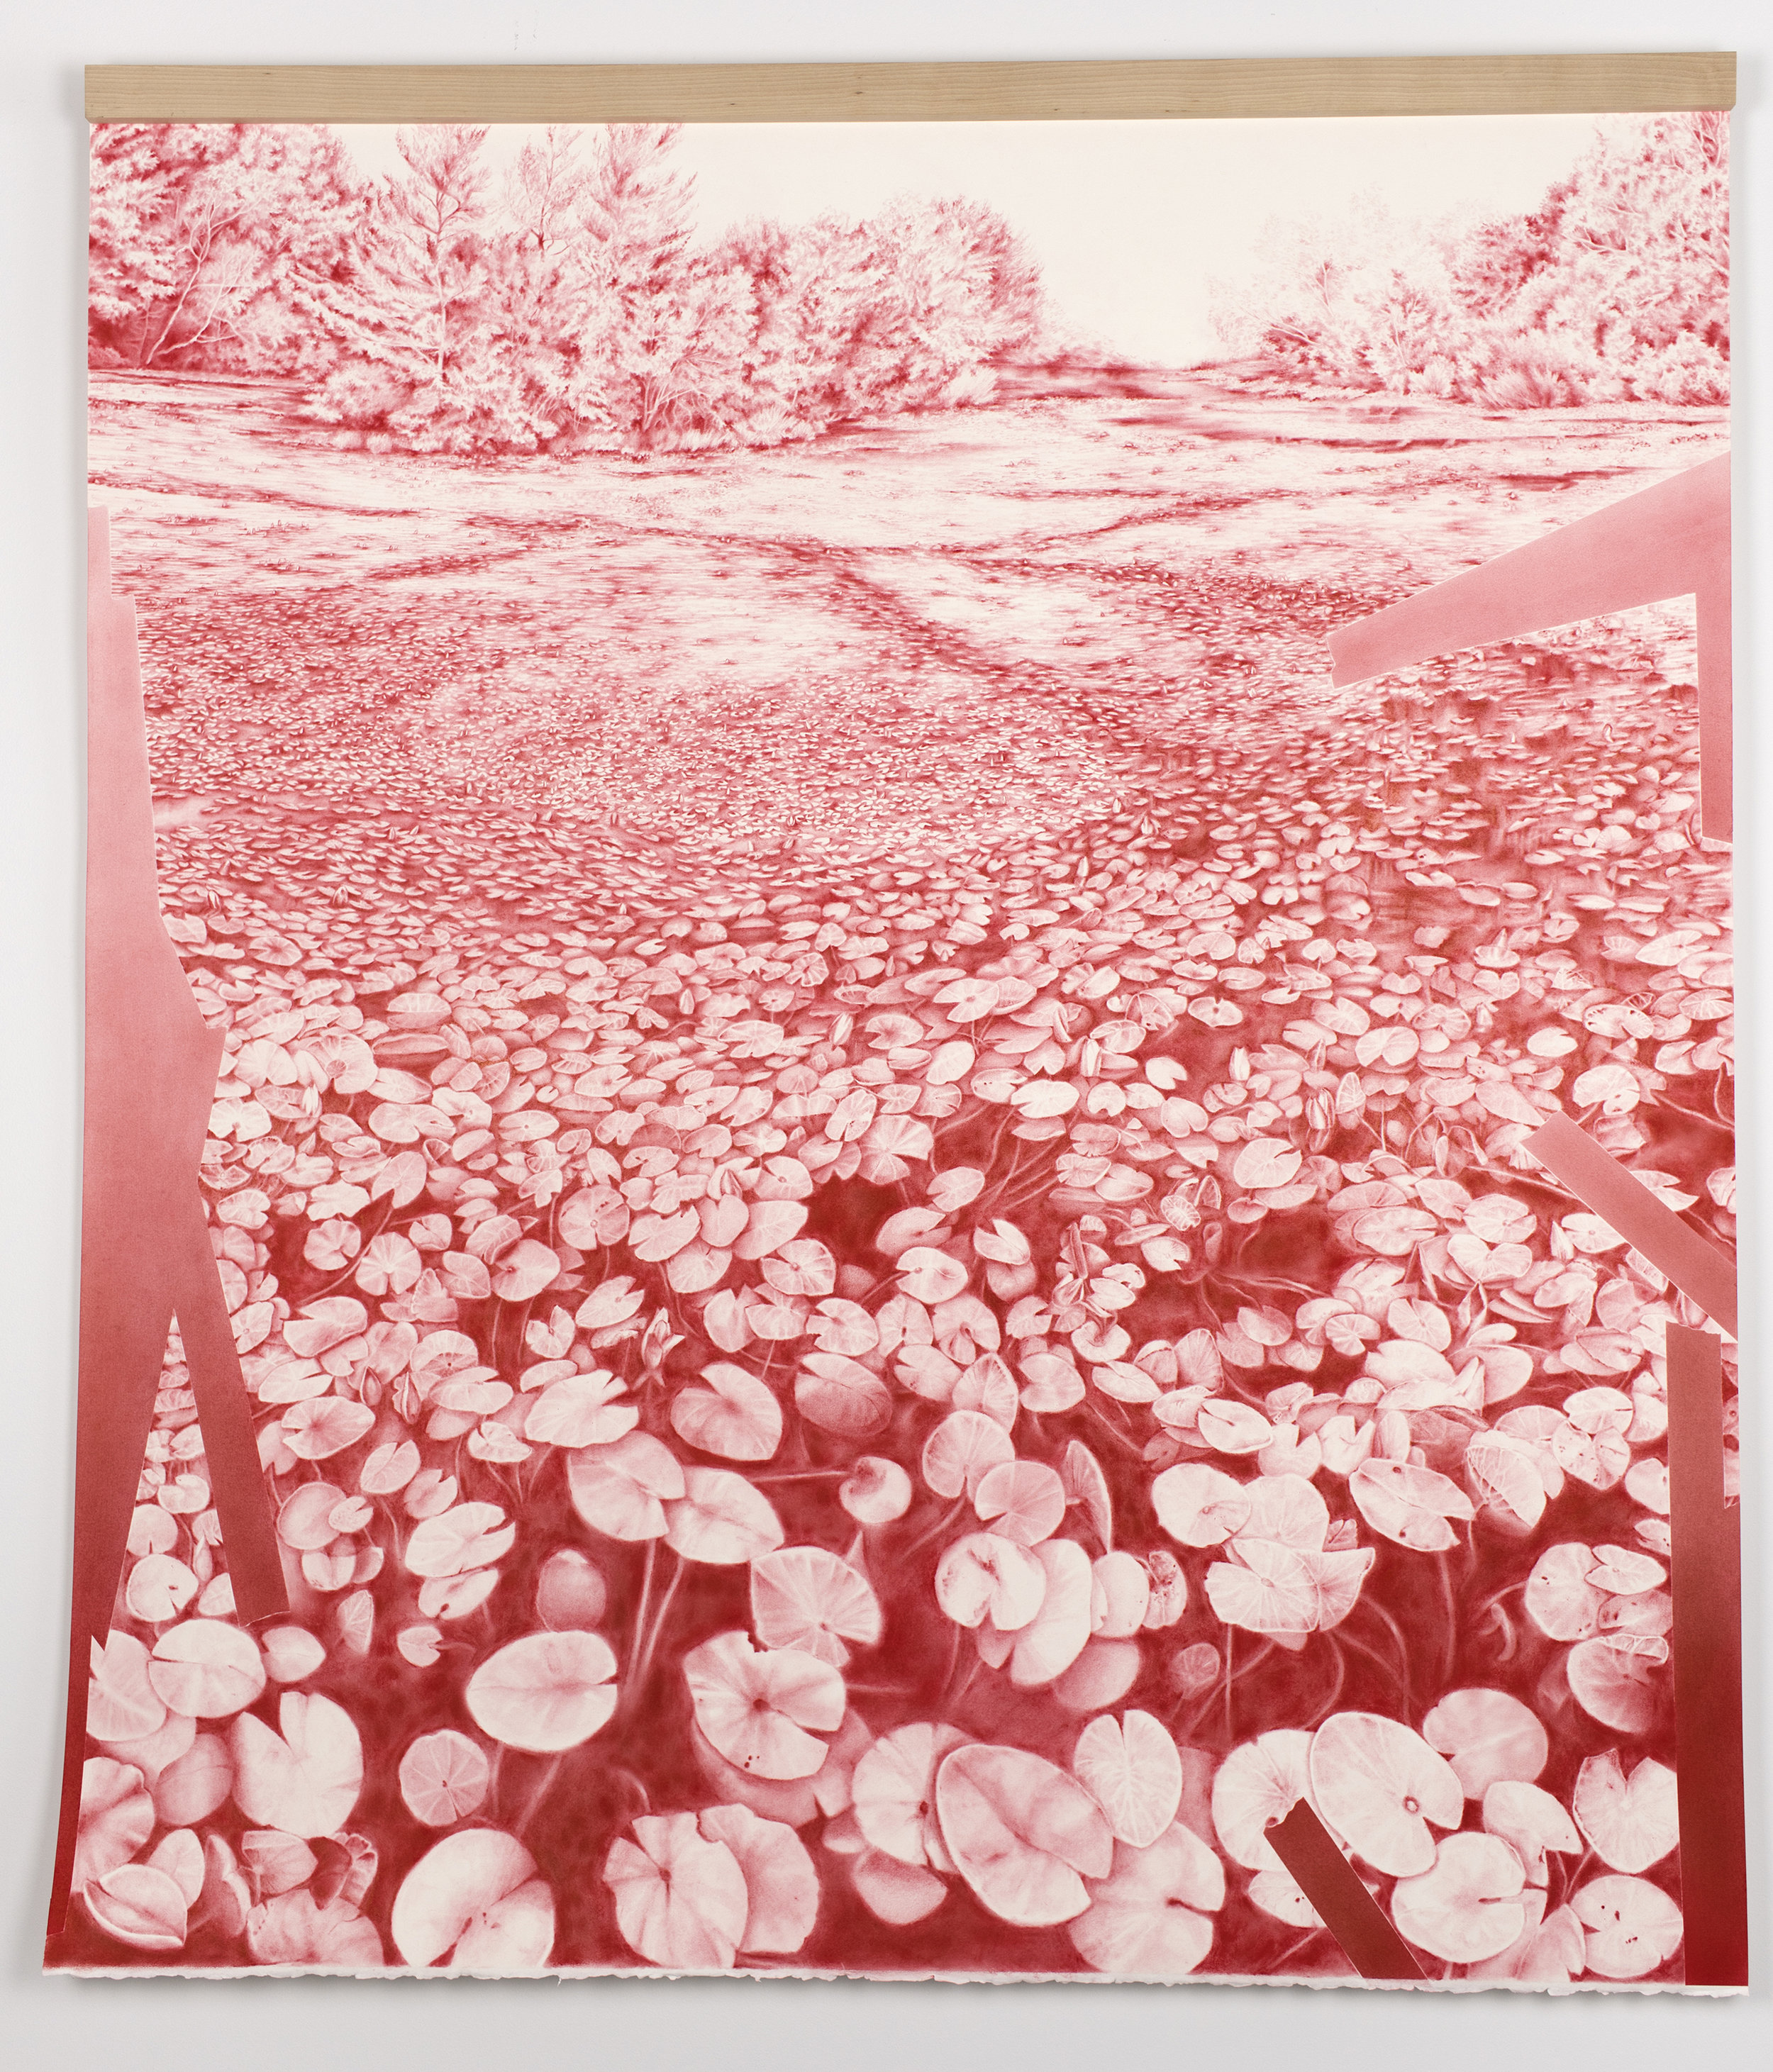 """Andréanne Godin,  Sans titre  (de la série  Les chemins de résistance ), 2017, pigments secs (rouge pyrrole) sur papier Arches, 129 x 114 cm (51"""" x 45"""")"""